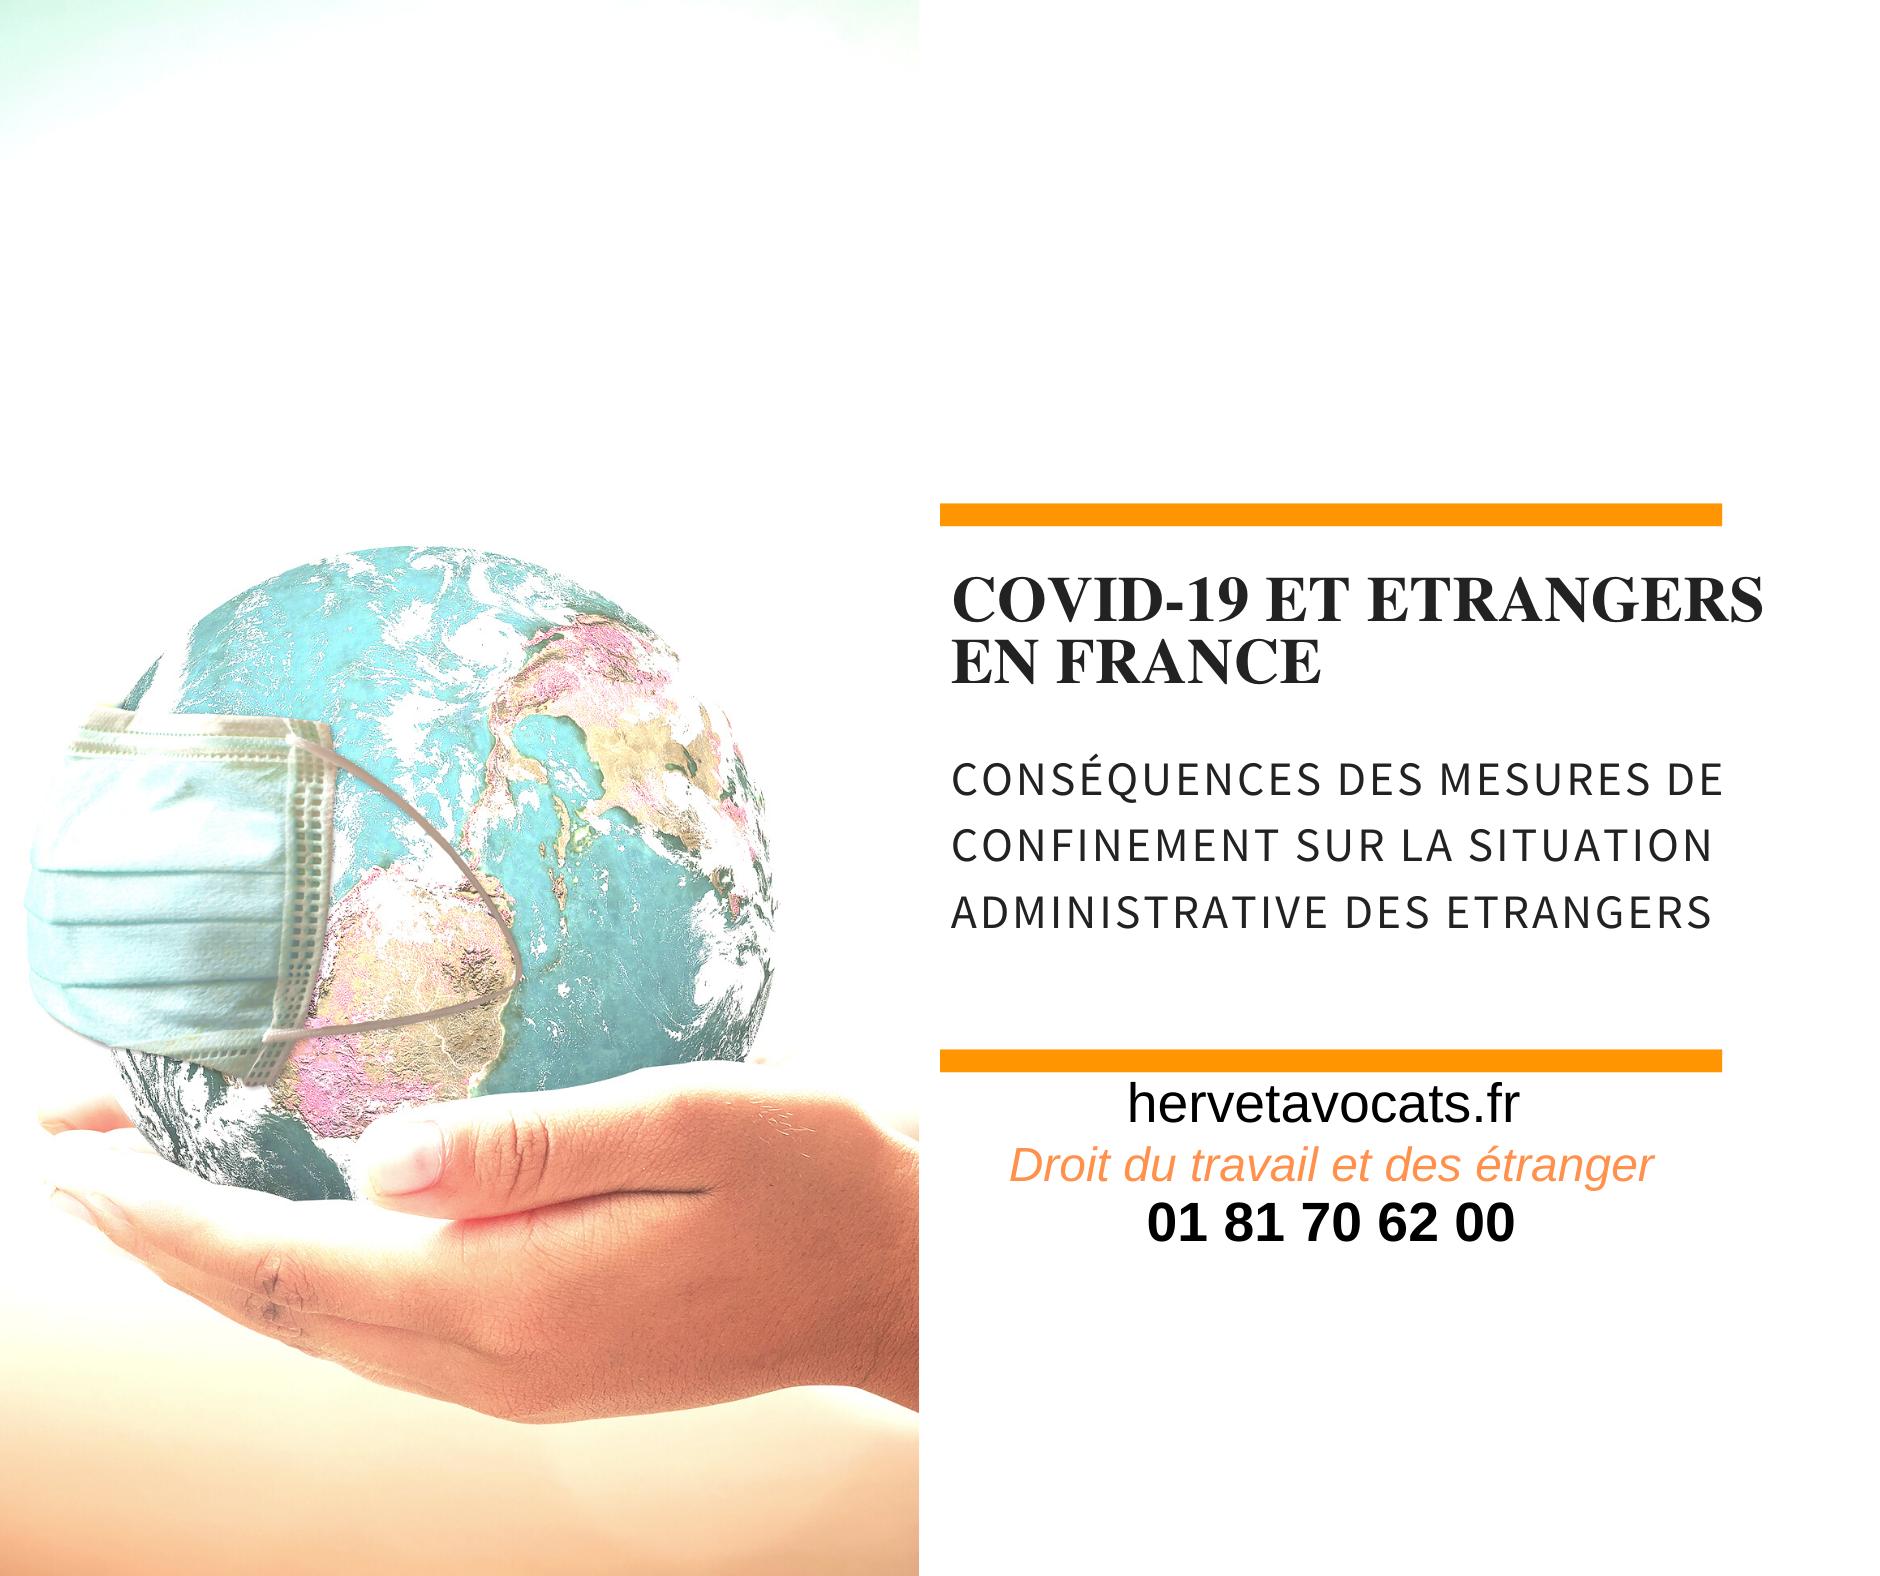 Les étrangers en France face au Covid-19 :  quelles sont les conséquences des mesures de confinement sur la situation administrative des étrangers ?